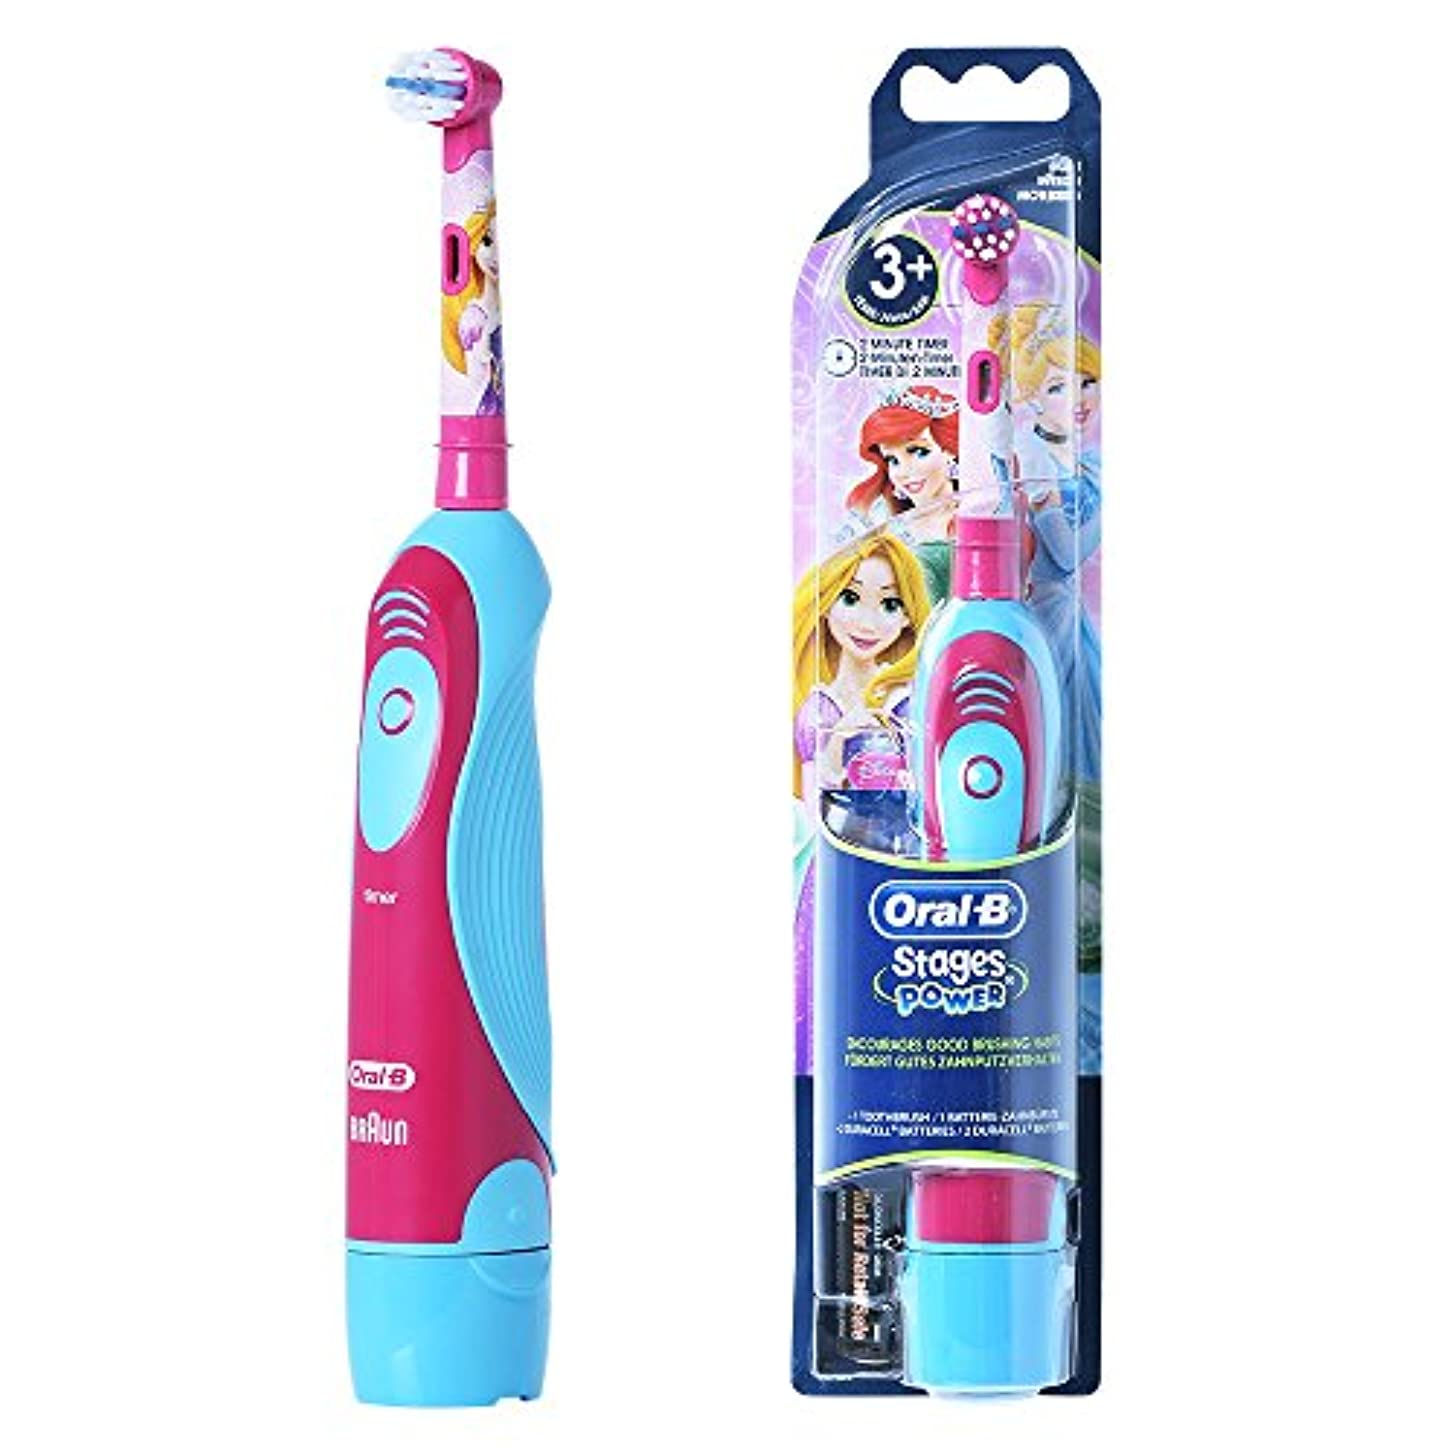 ガウン退化するBraun Oral-B D2 D2010 Disney Princess Kids 電動歯ブラシ [並行輸入品]